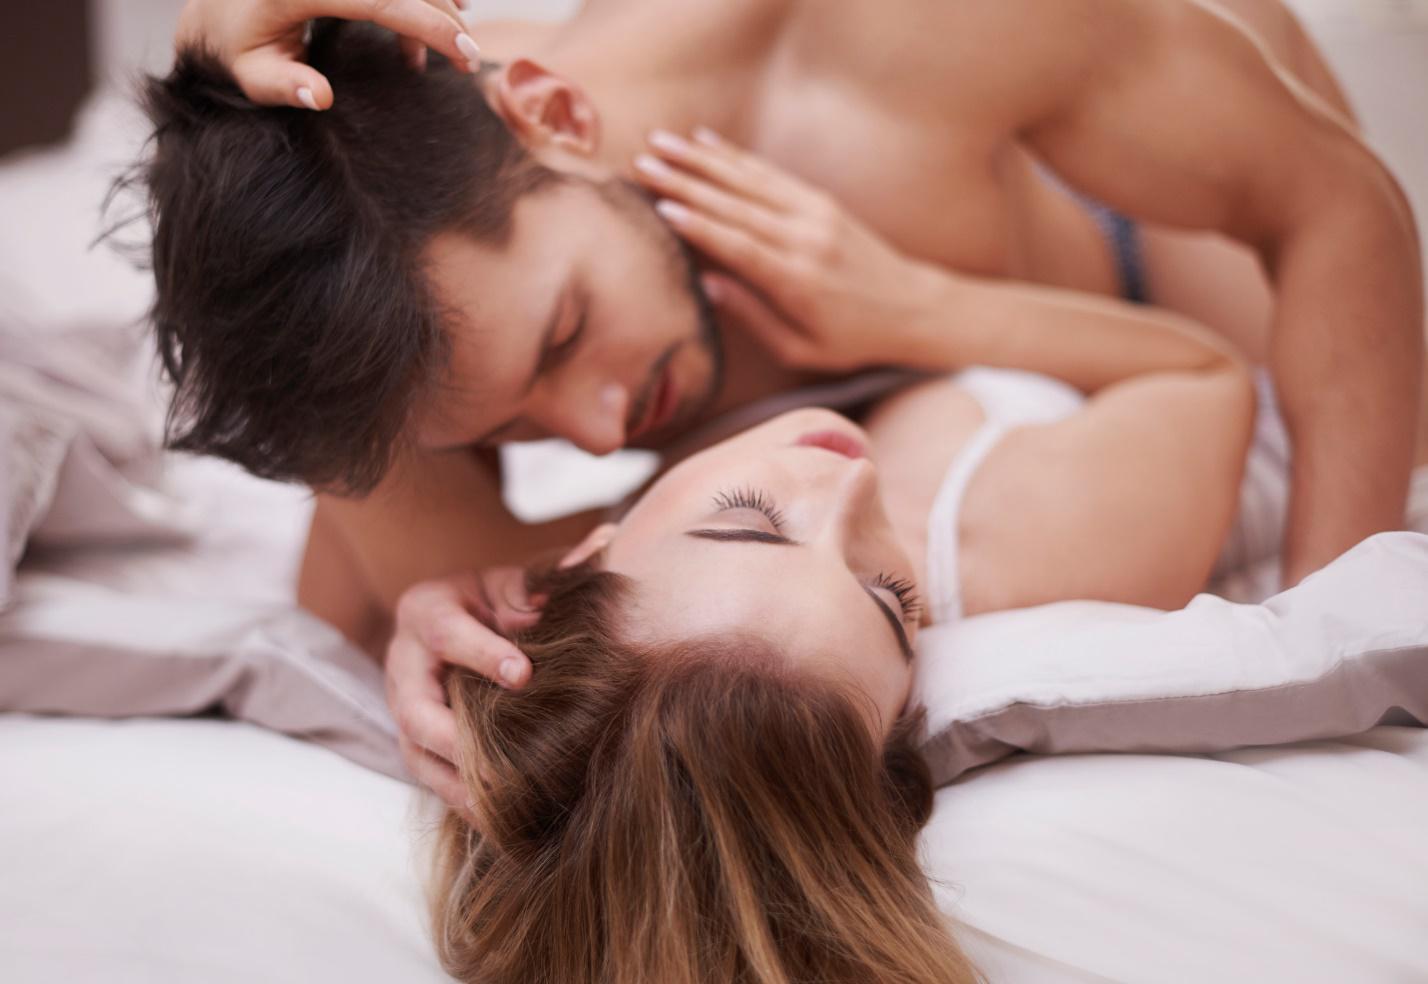 Секс парень и девушка фотки — img 2